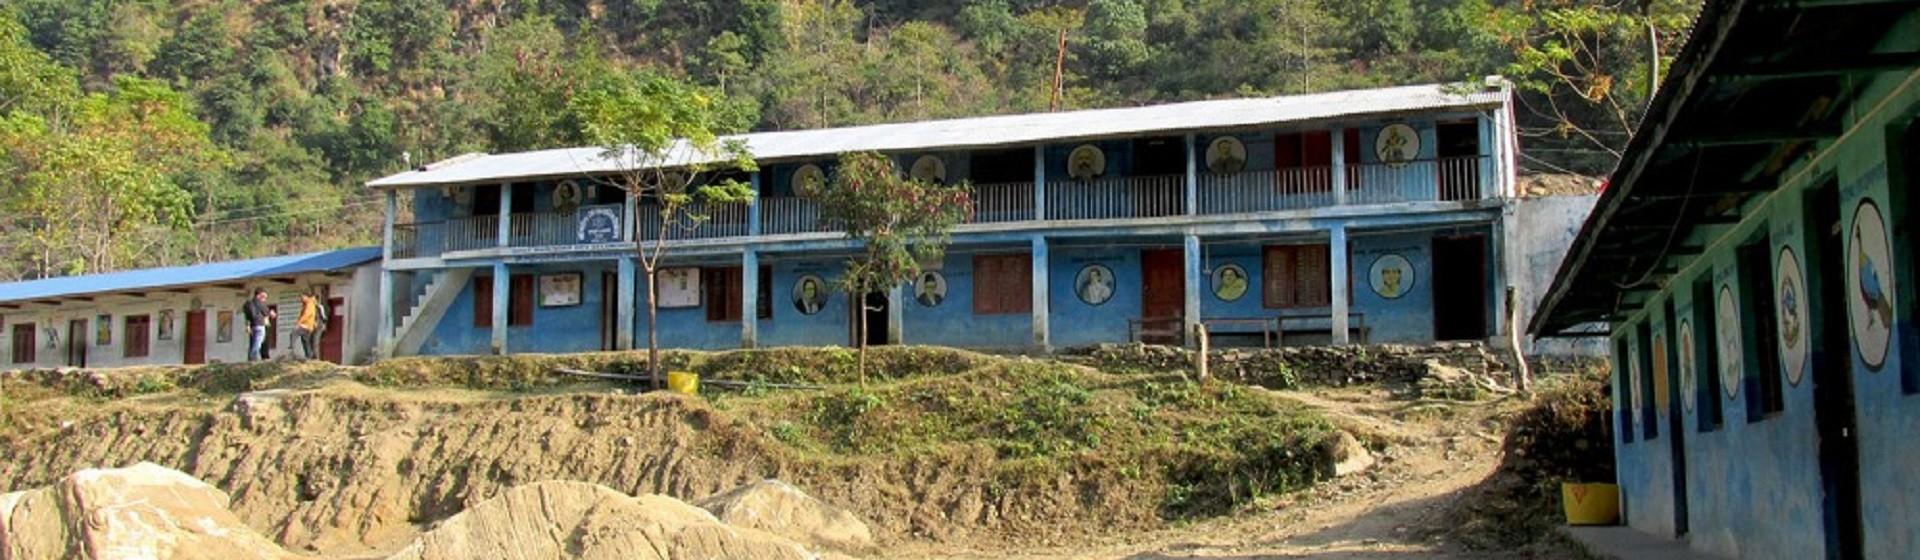 Khelaun-Khelaun-3-1000x750